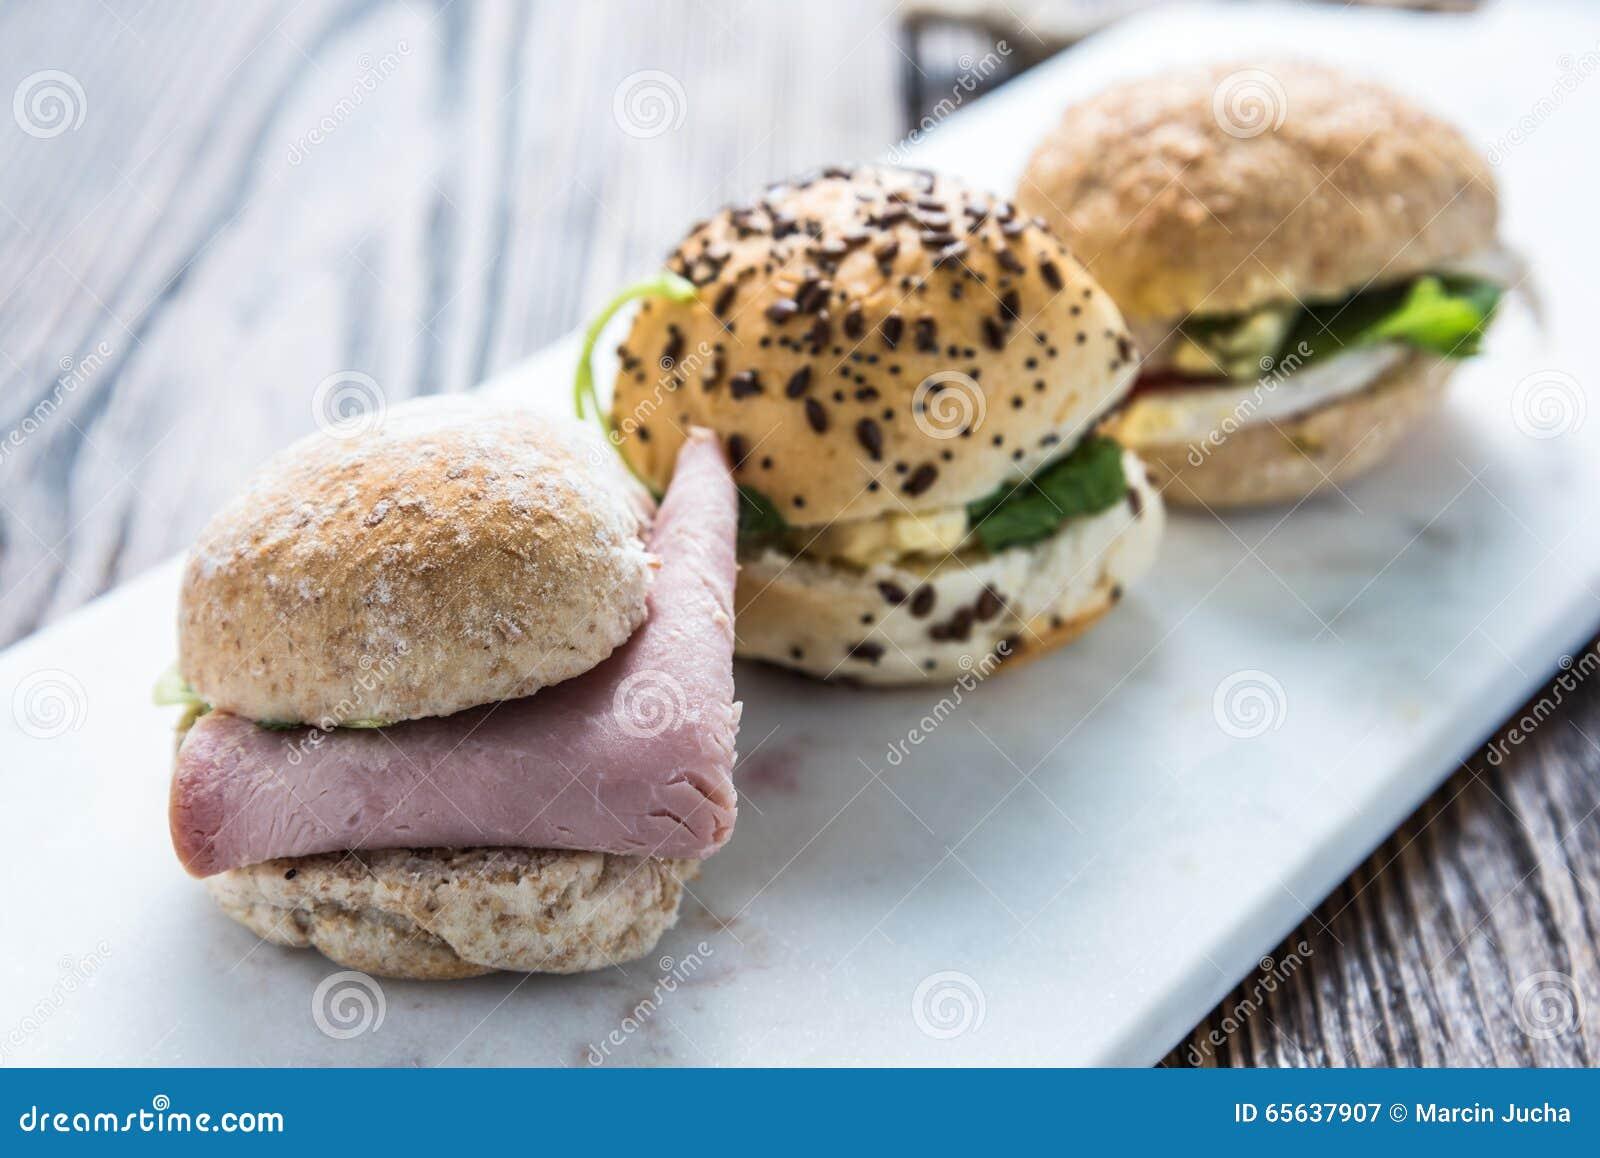 Sélection de sandwich à épicerie